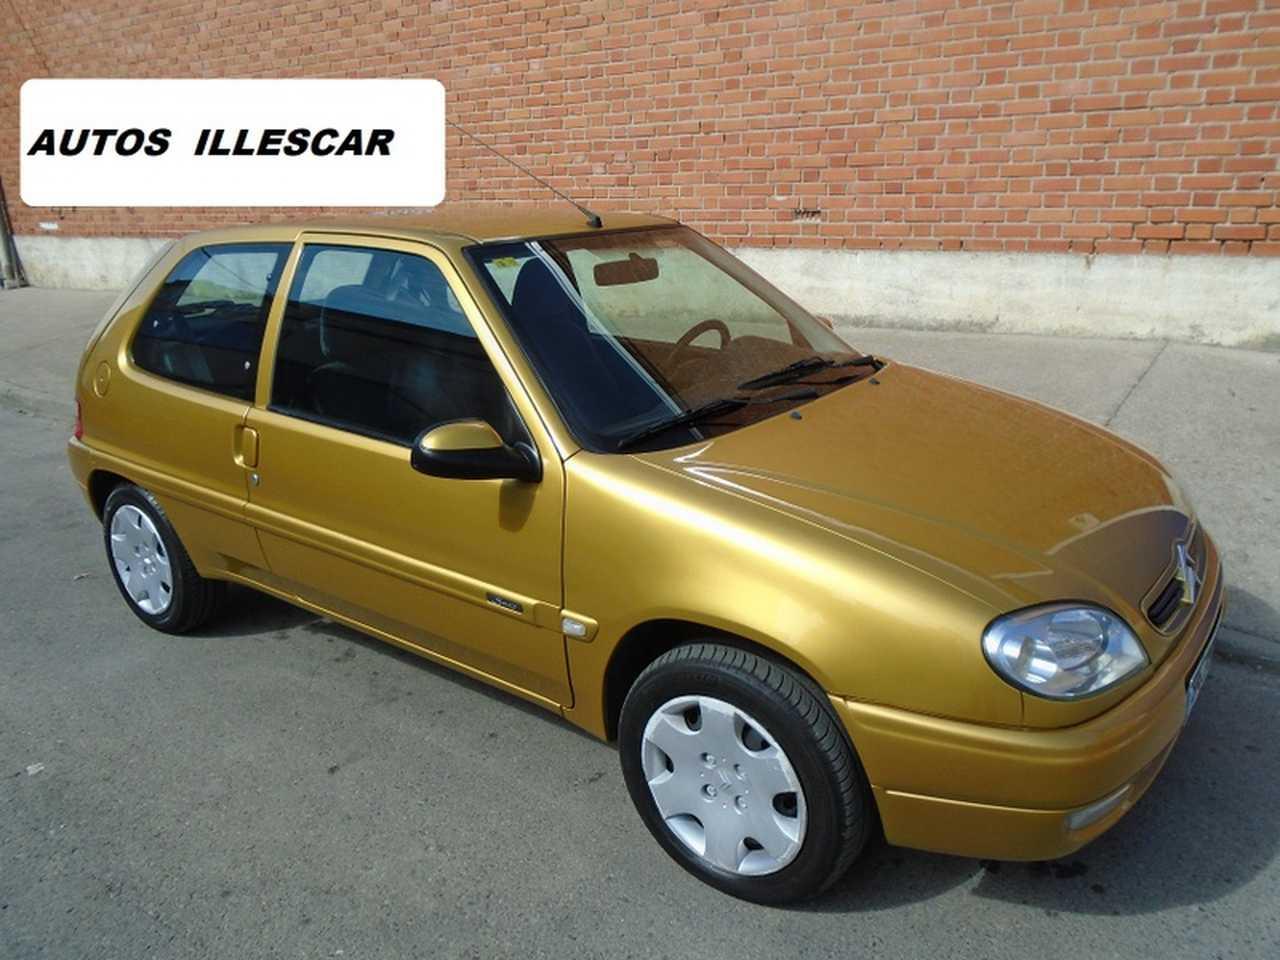 Citroën Saxo 1.5 D 60 CV 3 PUERTAS  - Foto 1